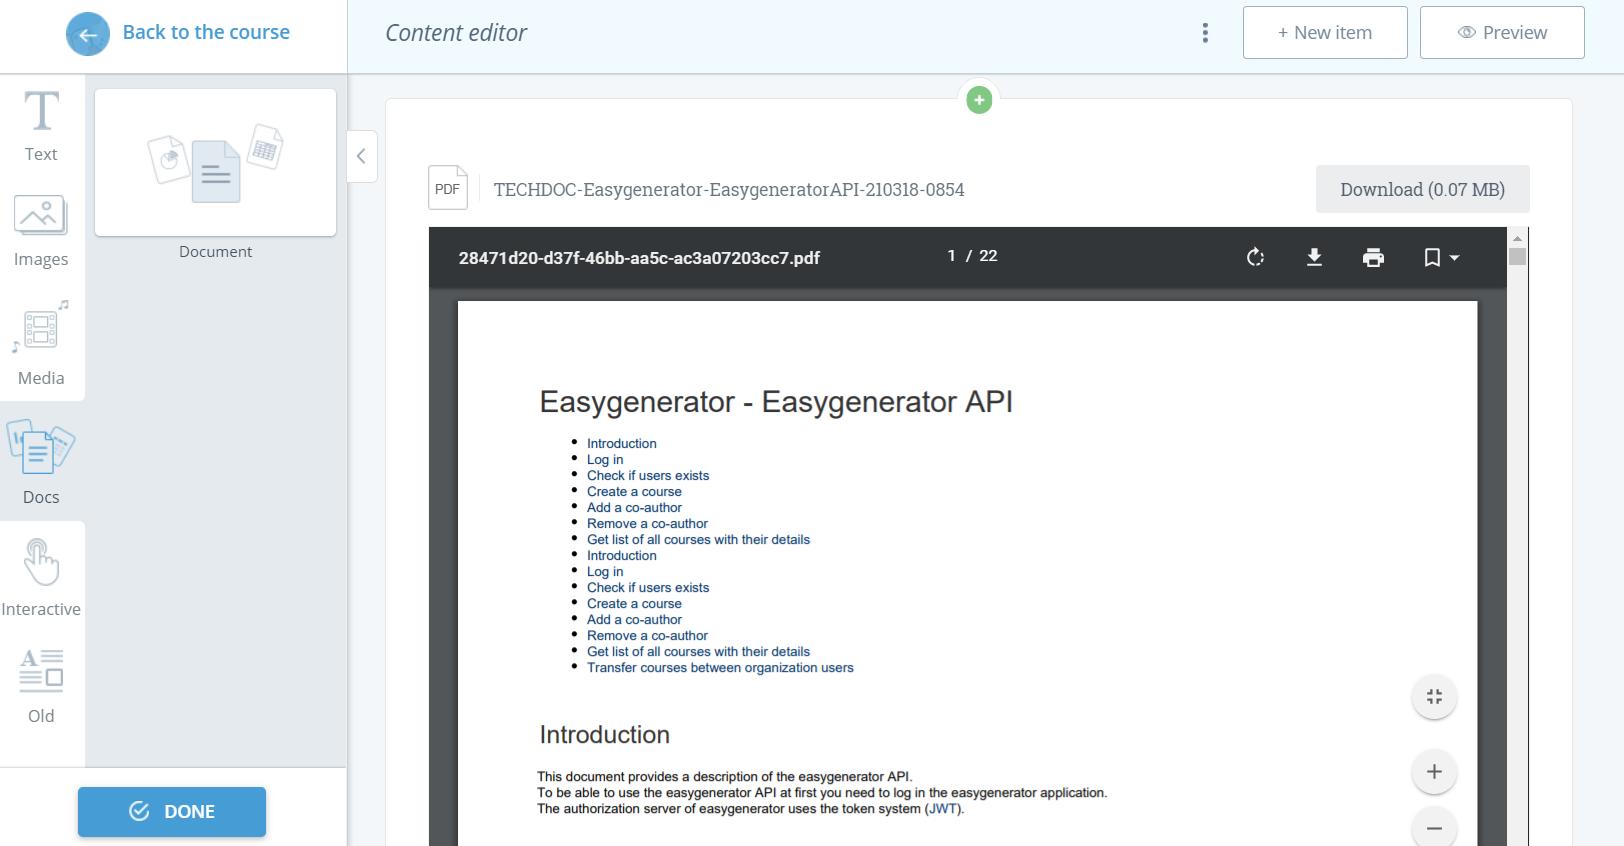 documents in Easygenerator